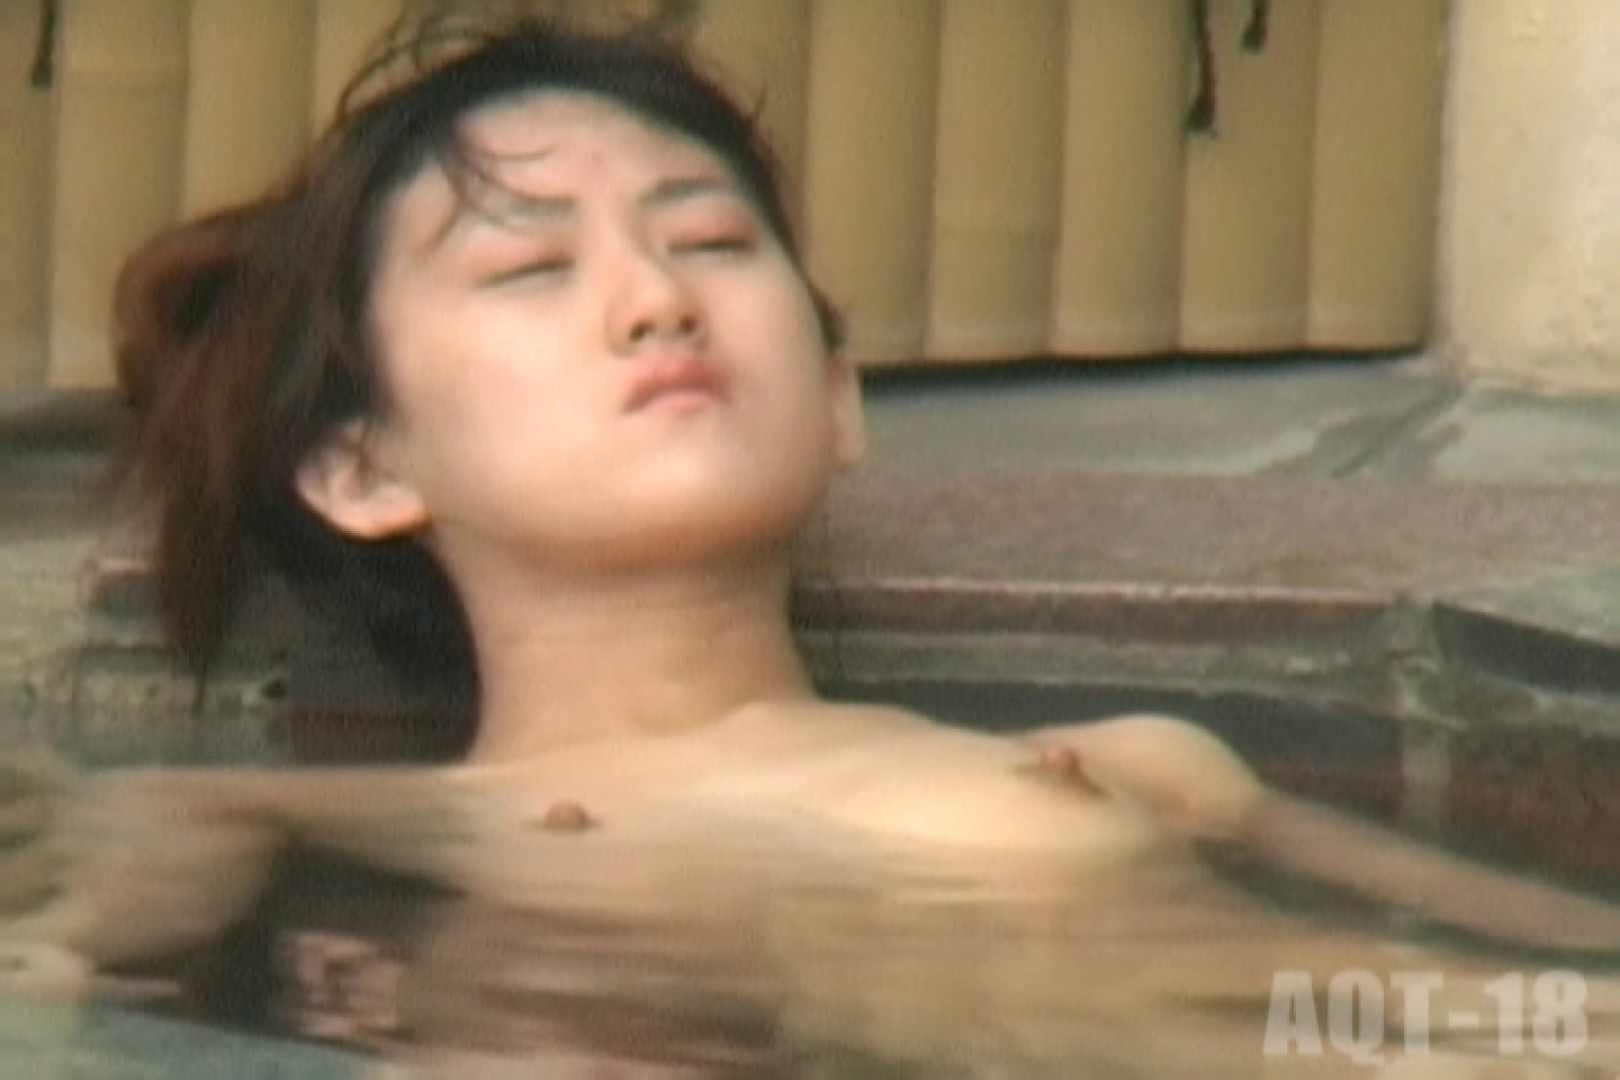 Aquaな露天風呂Vol.862 露天   OLエロ画像  92PICs 70